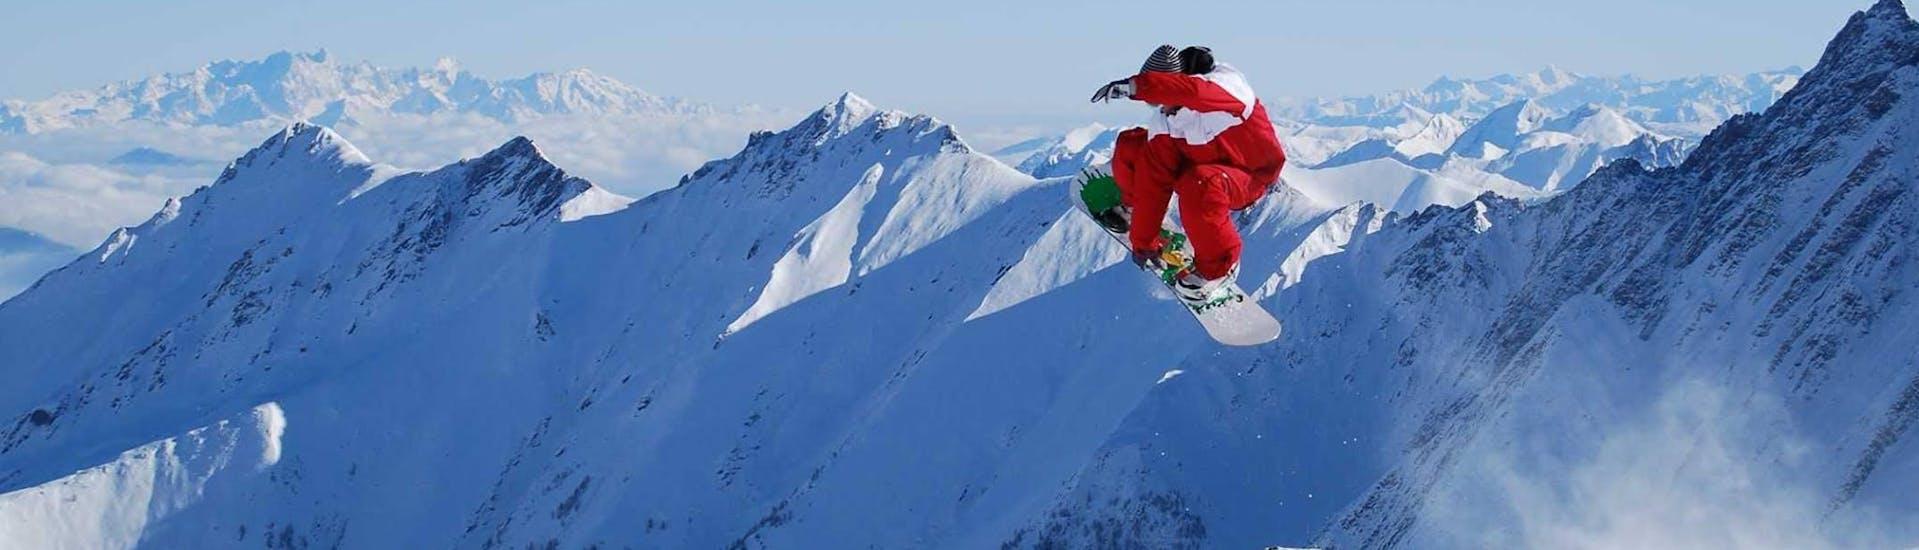 Curso de snowboard para avanzados